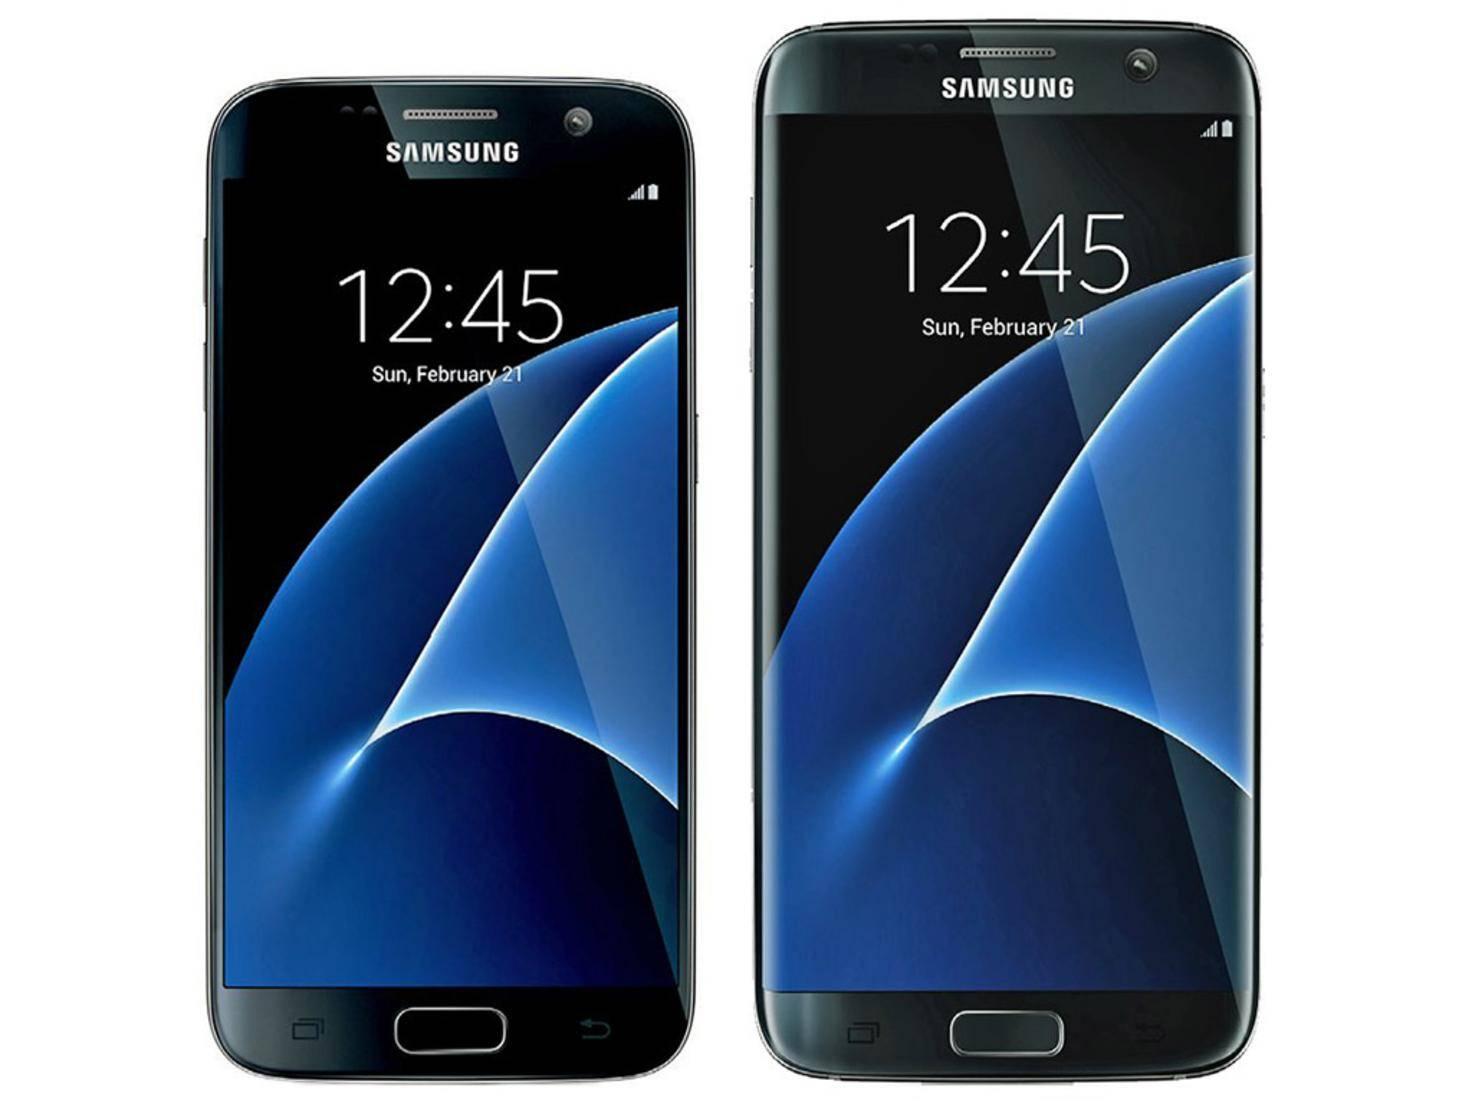 Galaxy S7 & Galaxy S7 edge: So sehen die Flaggschiffe aus